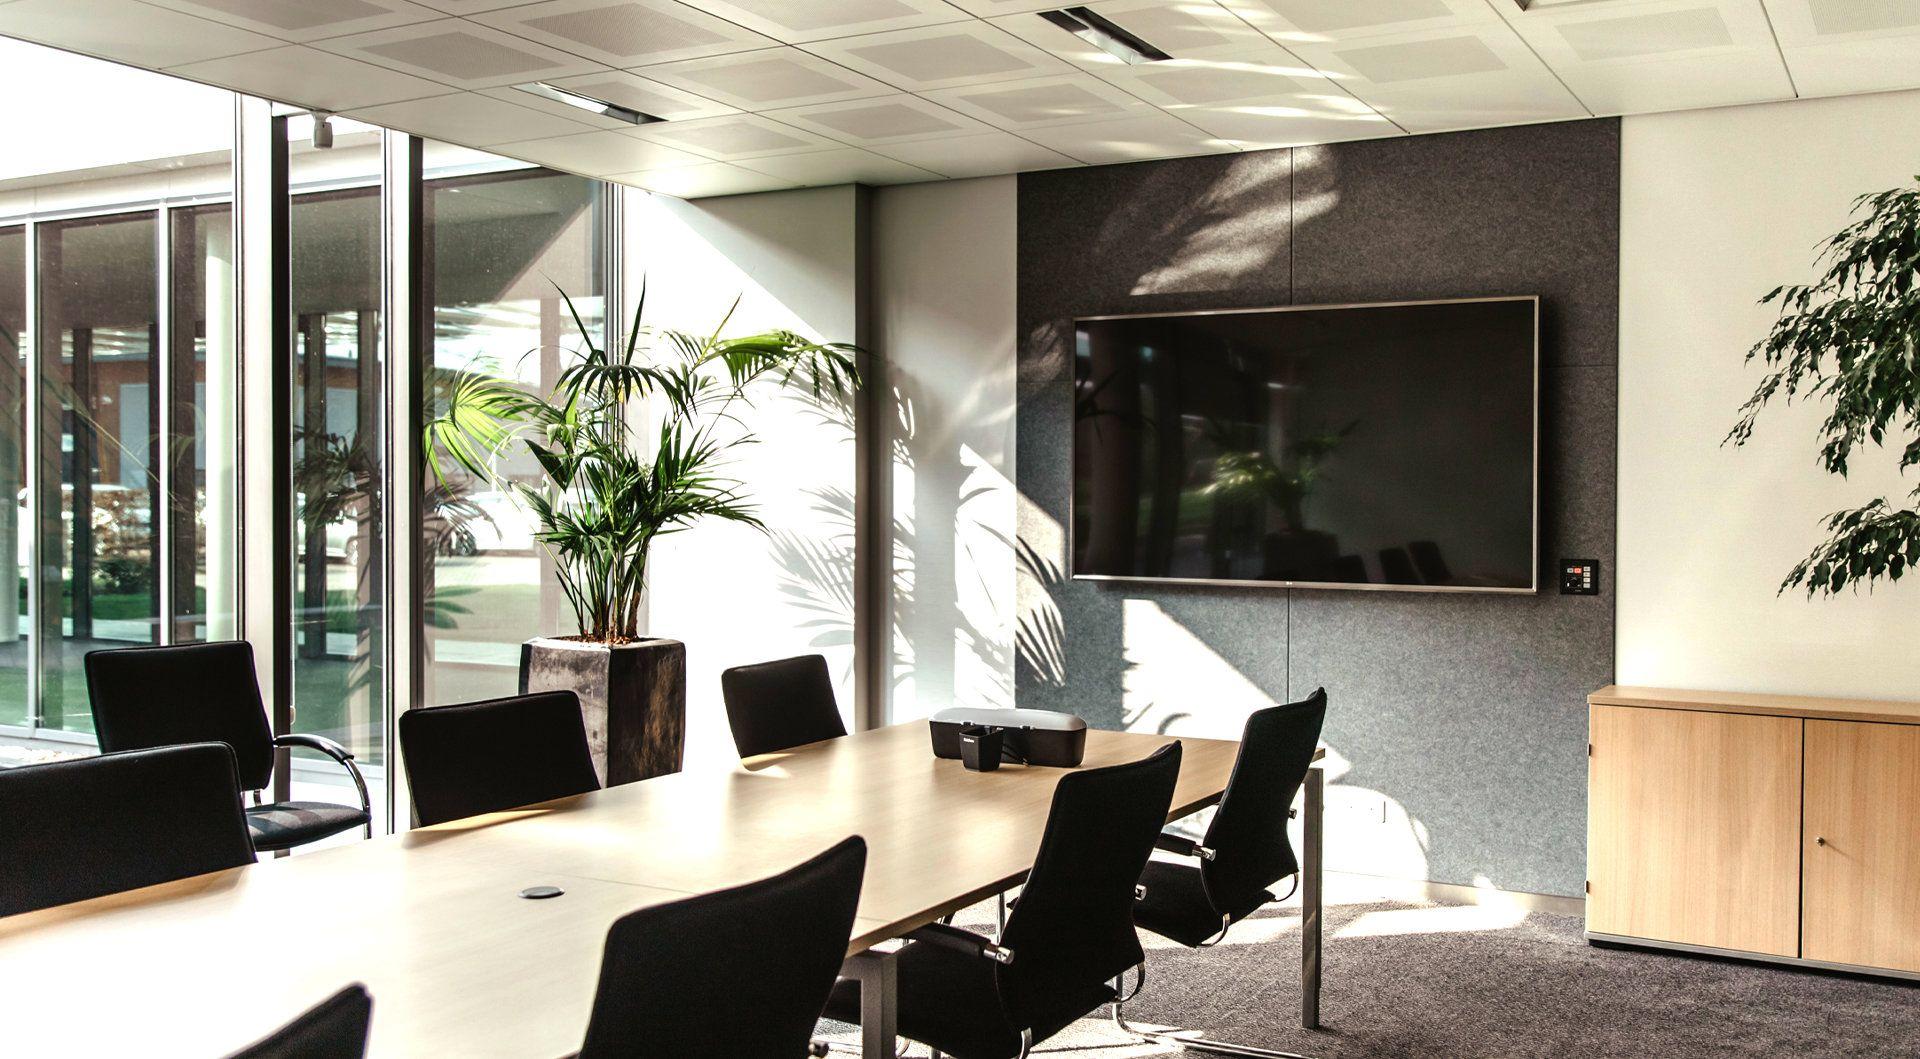 Vaddio RoboSHOT 12E HDBT OneLINK HDMI video conferencing systeem Personal video conferencing system 8,57 MP - Case studie de vries